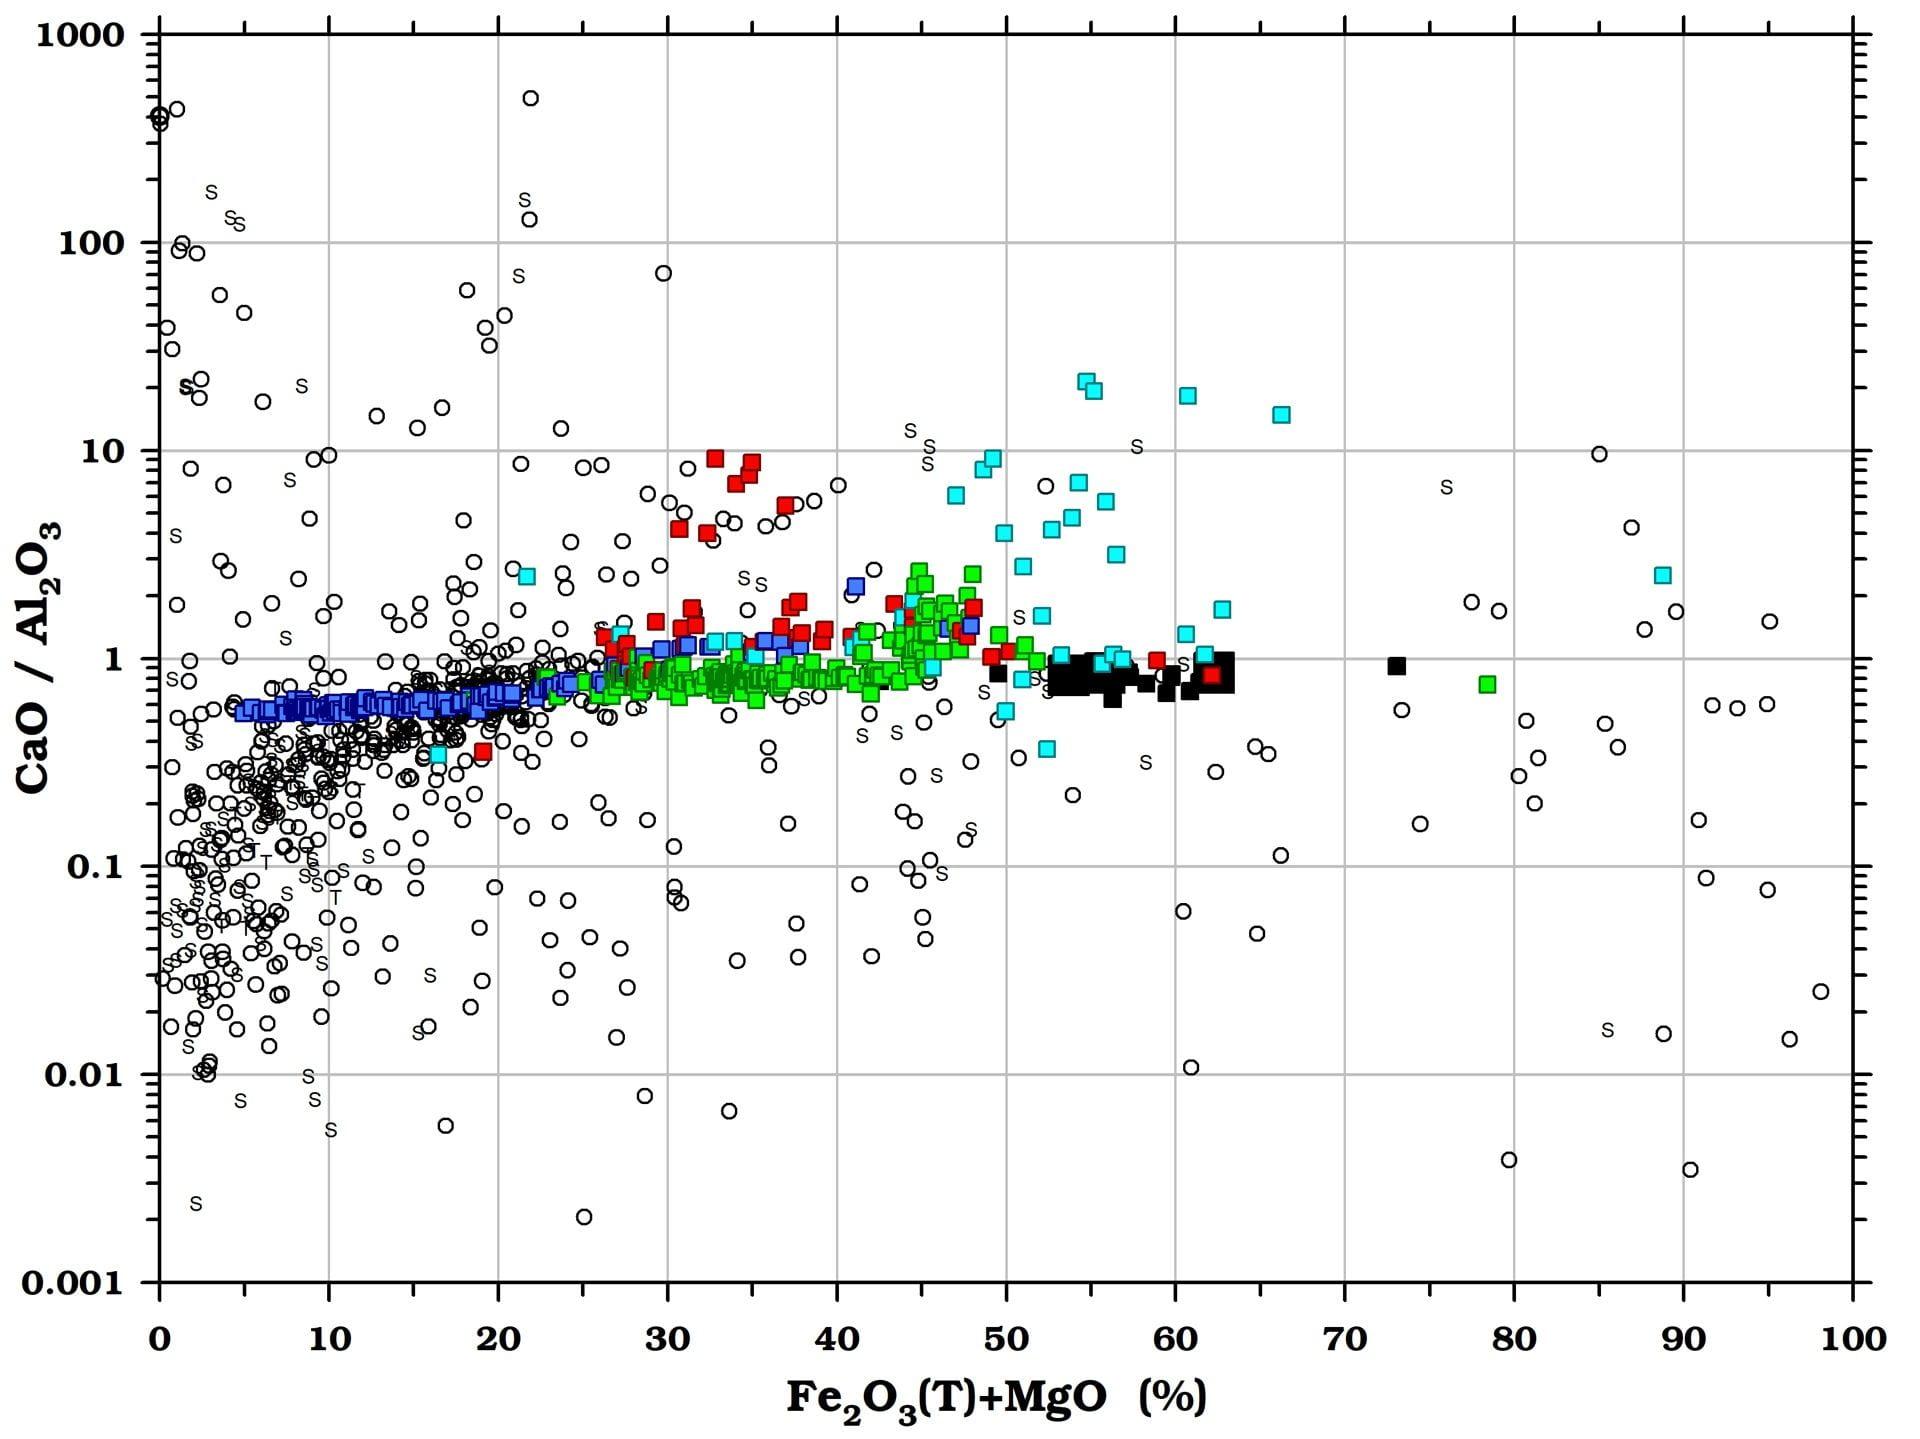 Calcium/aluminum (CaO/Al2O3) in meteorites and terrestrial rocks